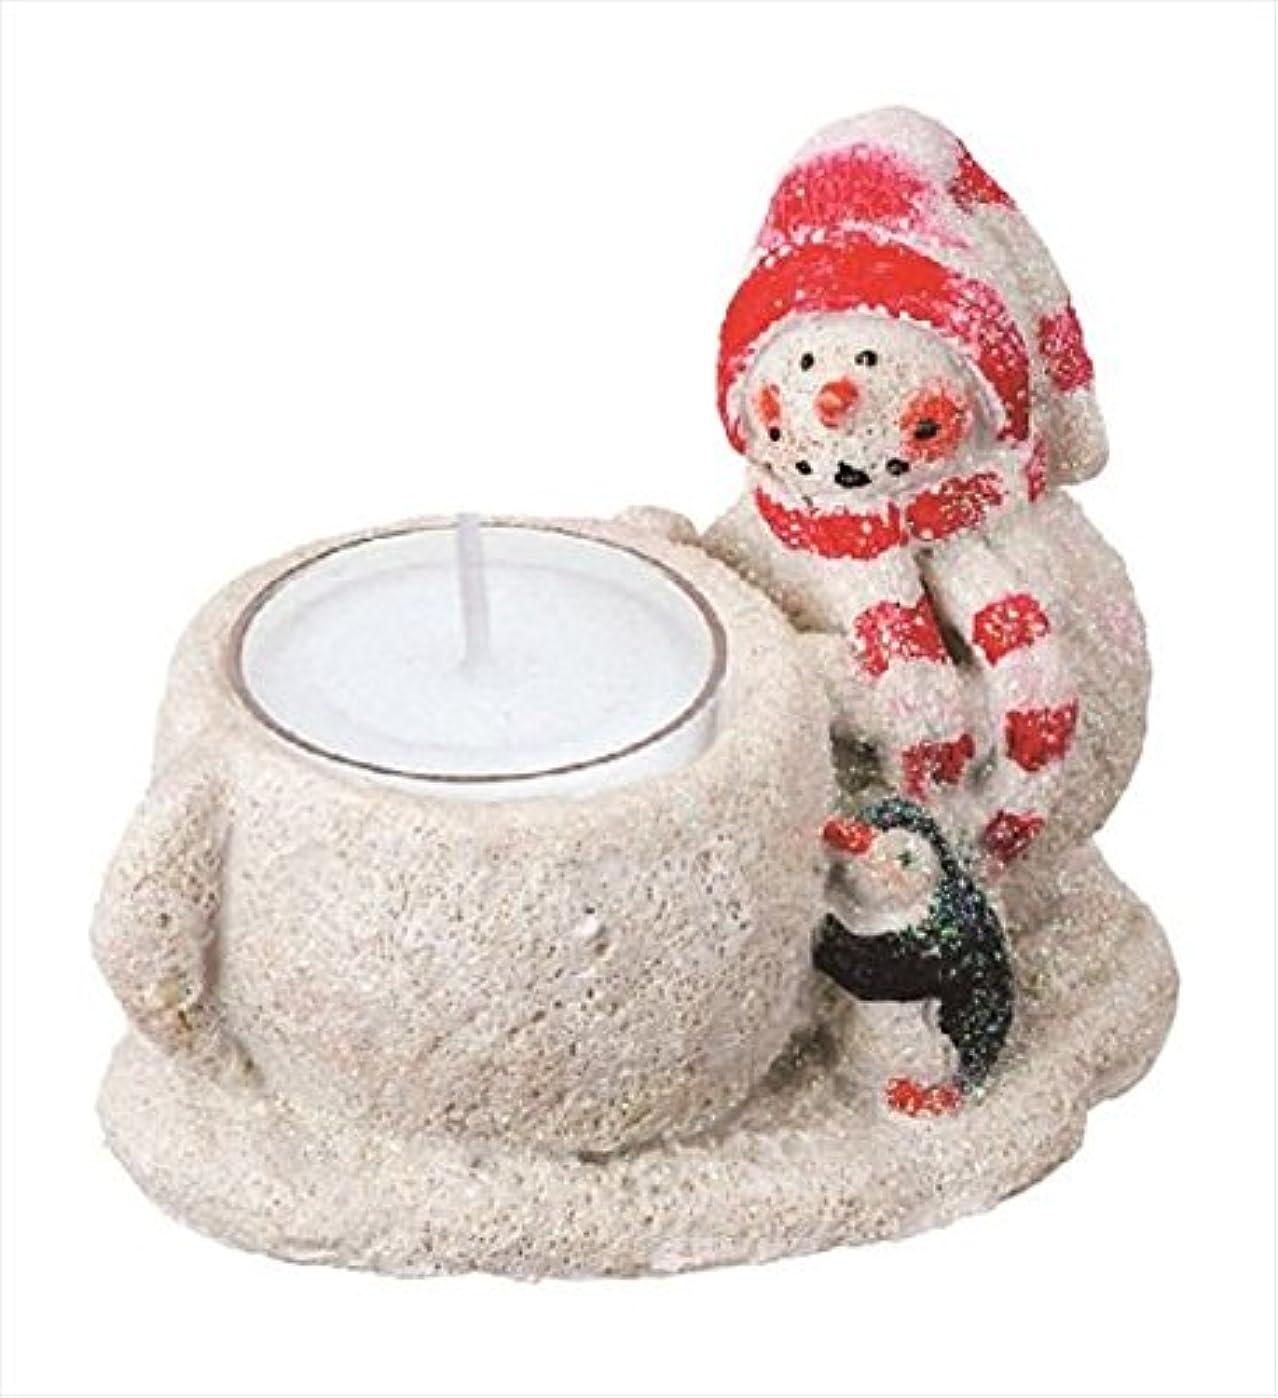 上記の頭と肩もつれメジャーkameyama candle(カメヤマキャンドル) グリッタースノーマンホルダー 「 レッド 」(J5520000R)